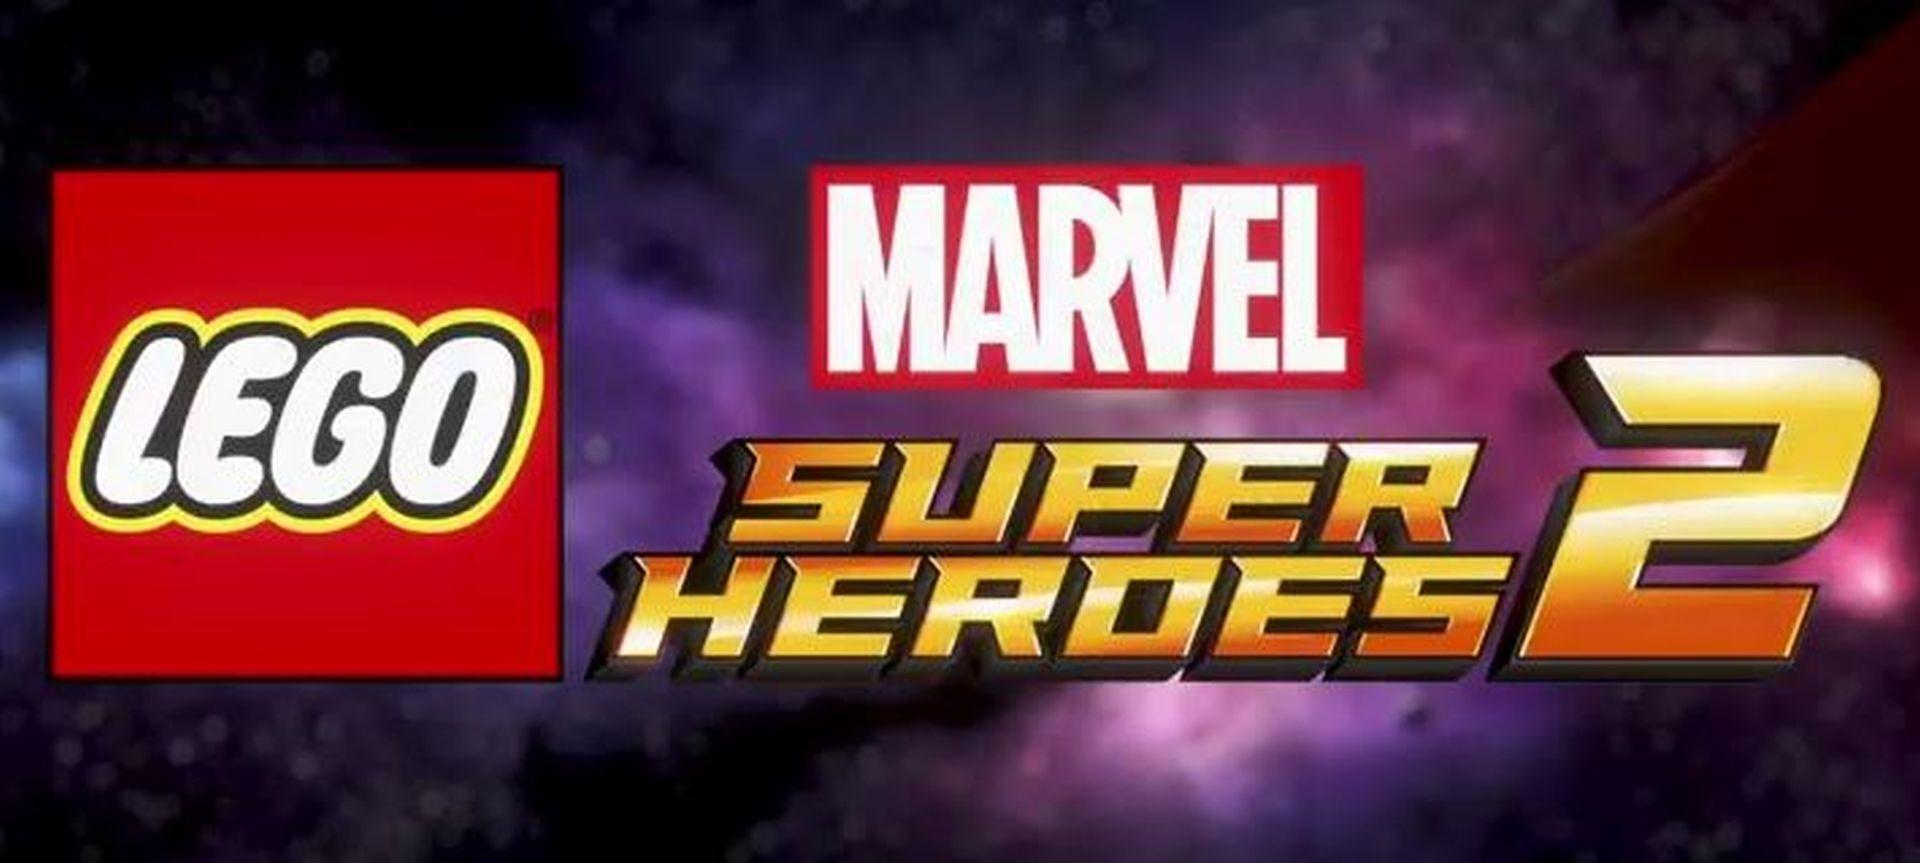 Nicht das beste Lego Marvel Spiel